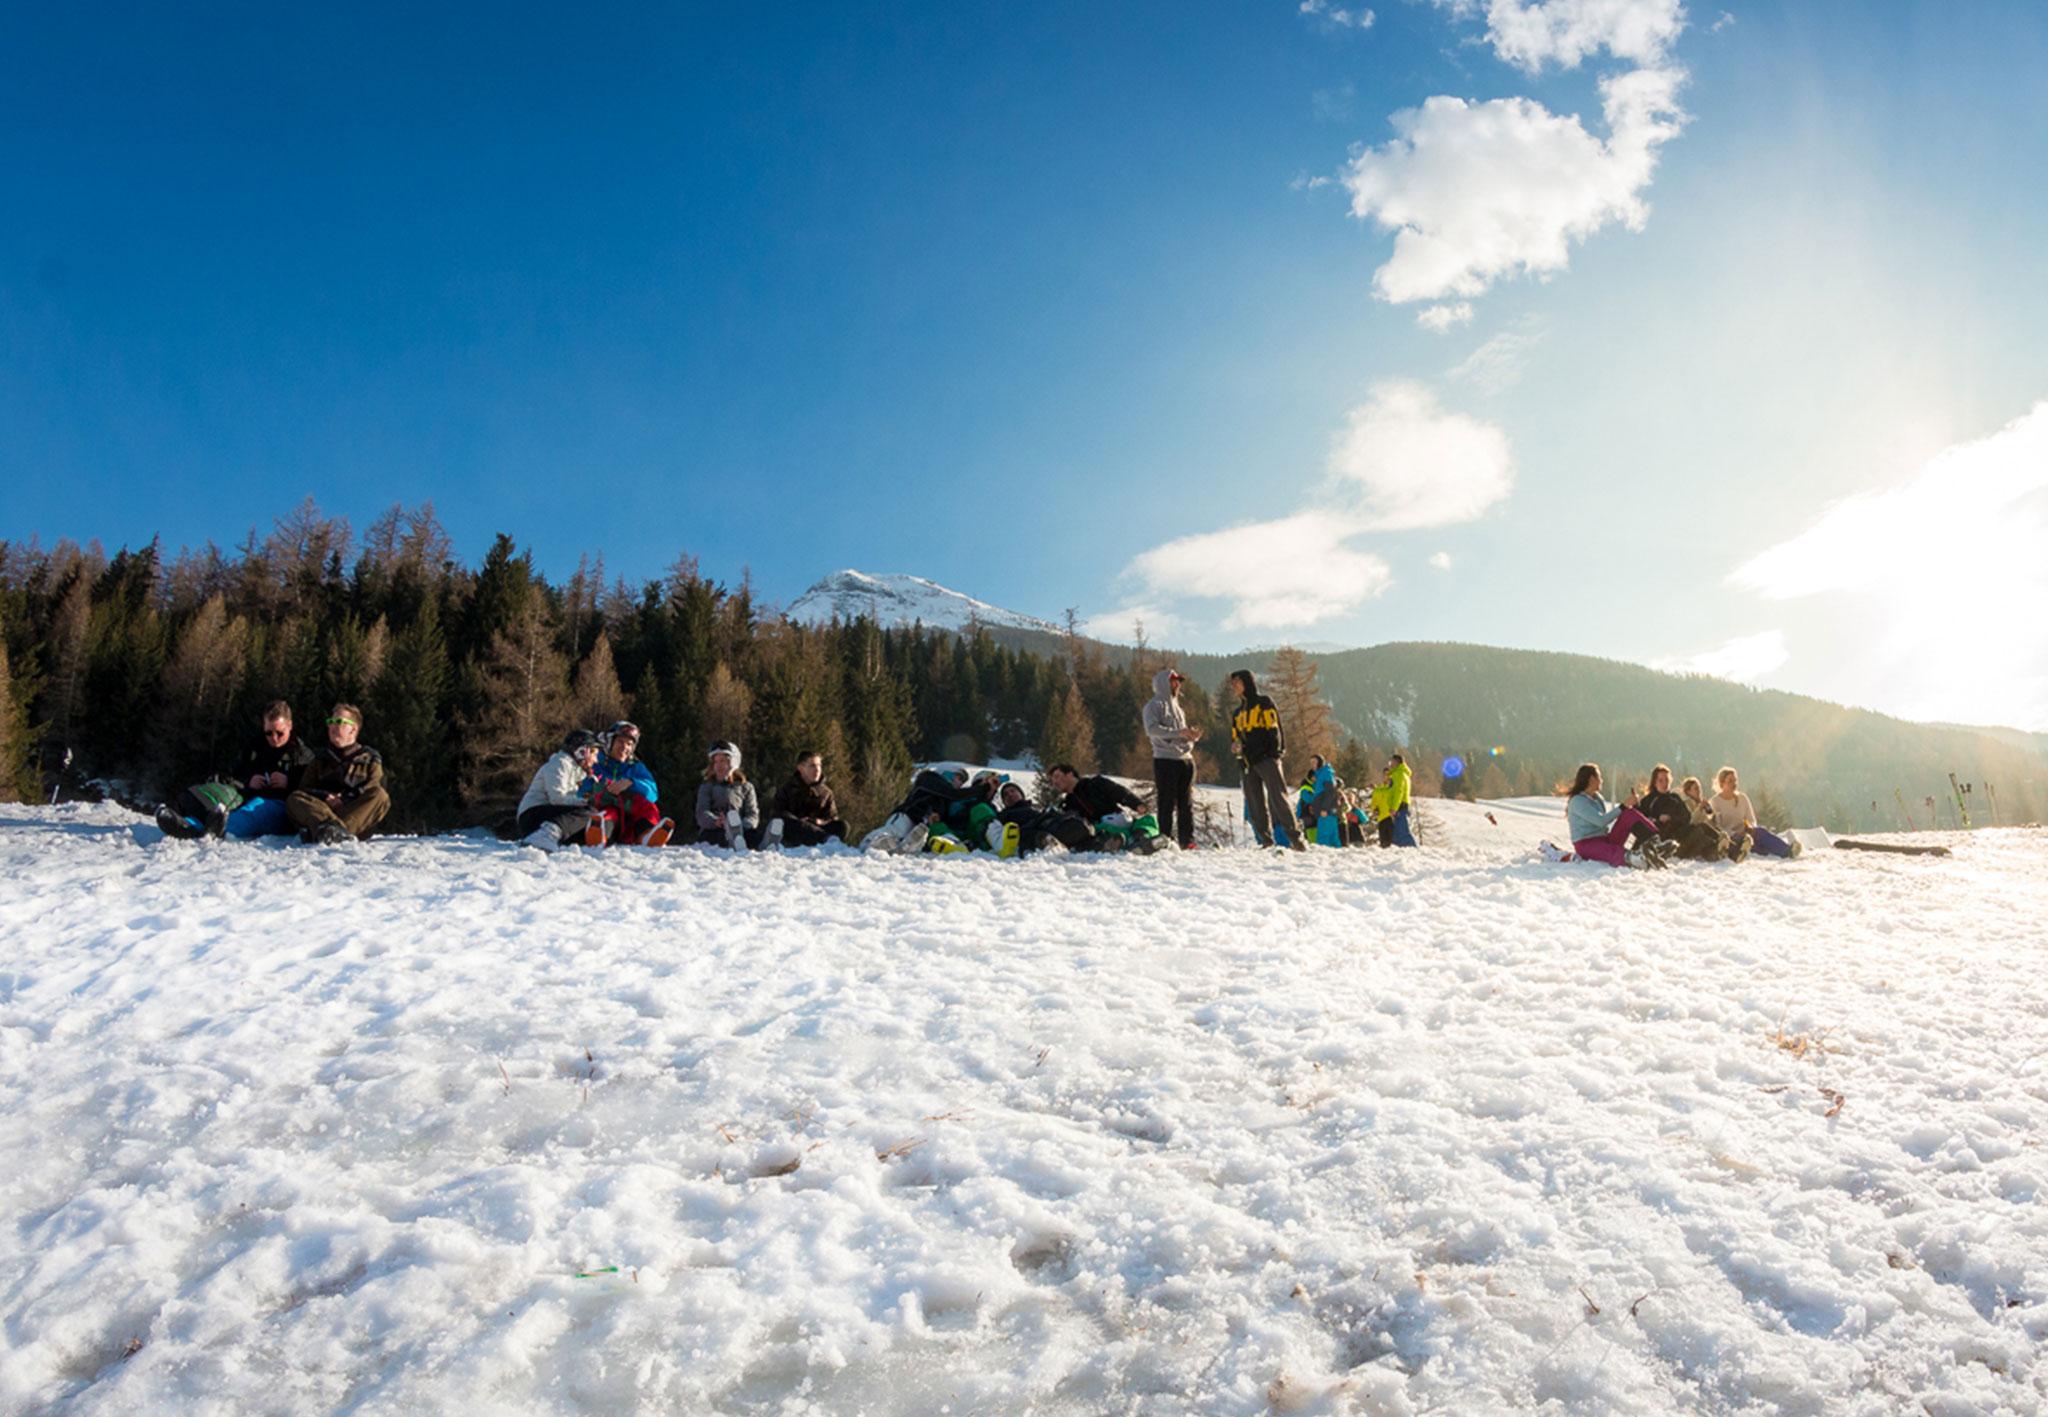 Gruppe Skifahrer im Tal im Schnee